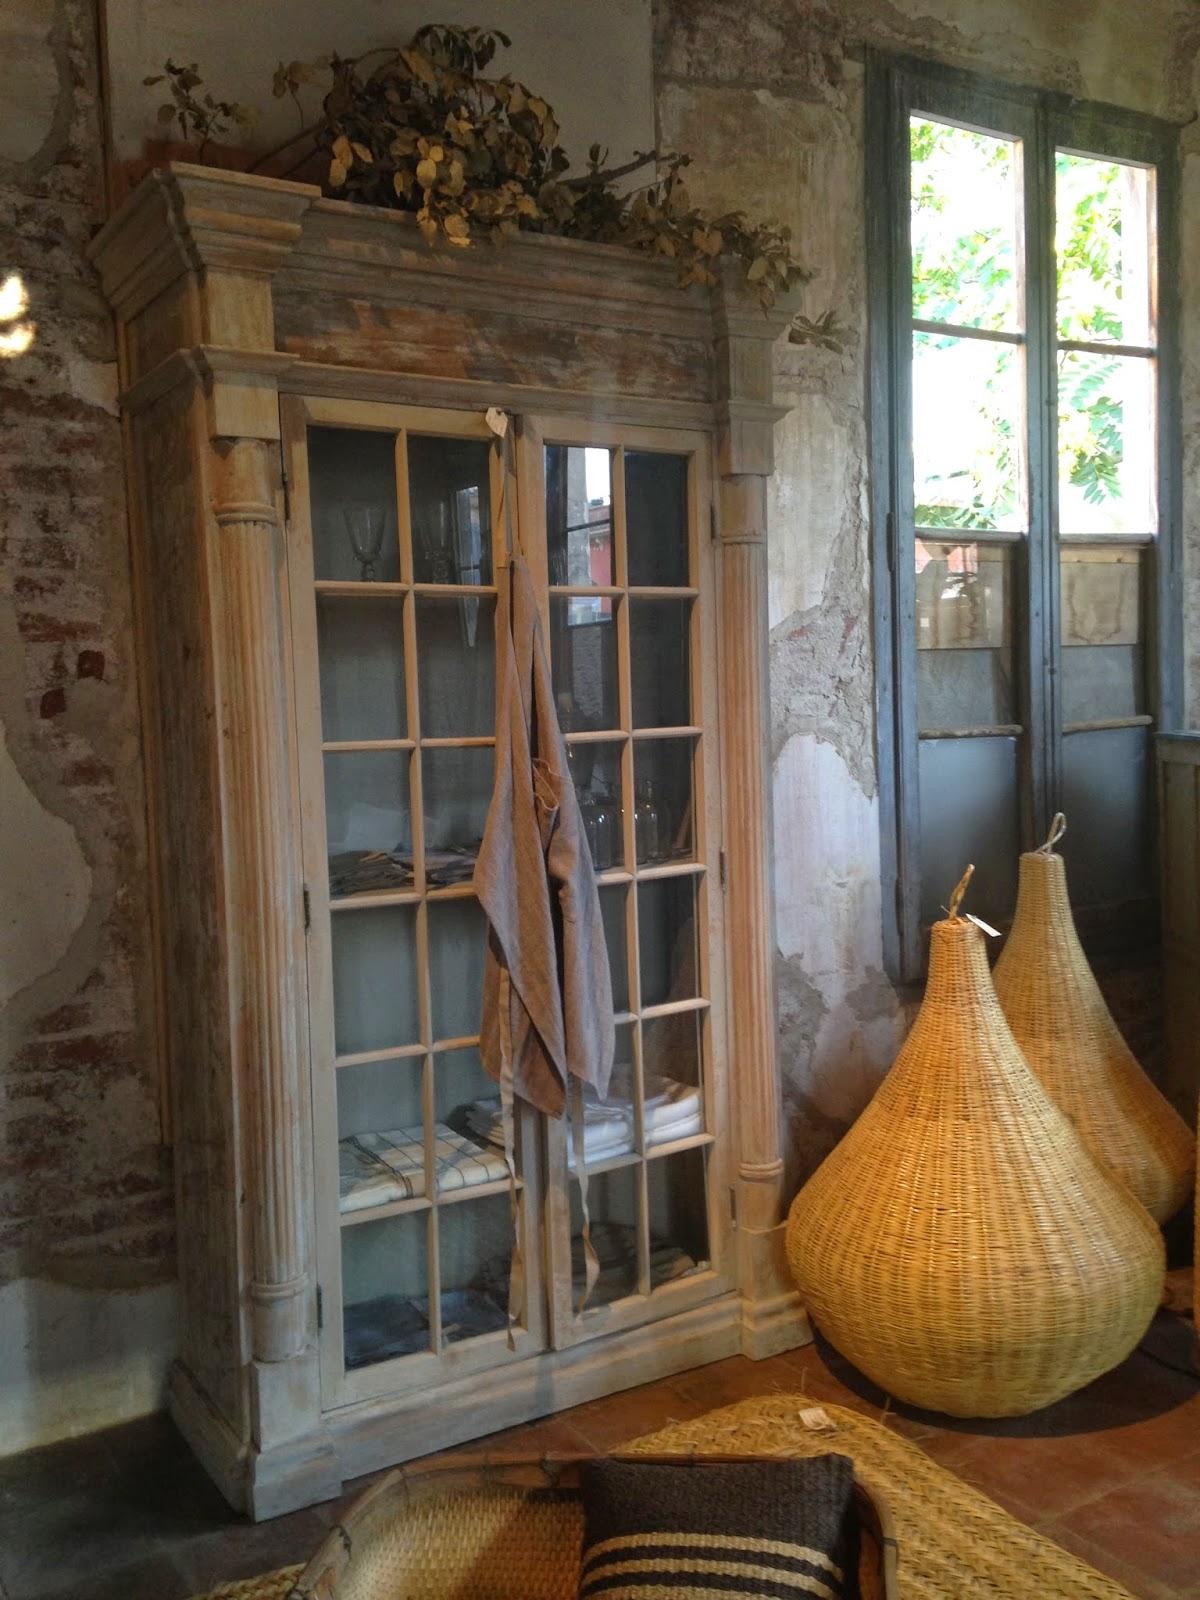 MEC, tienda de muebles y complementos de decoración en Palamós